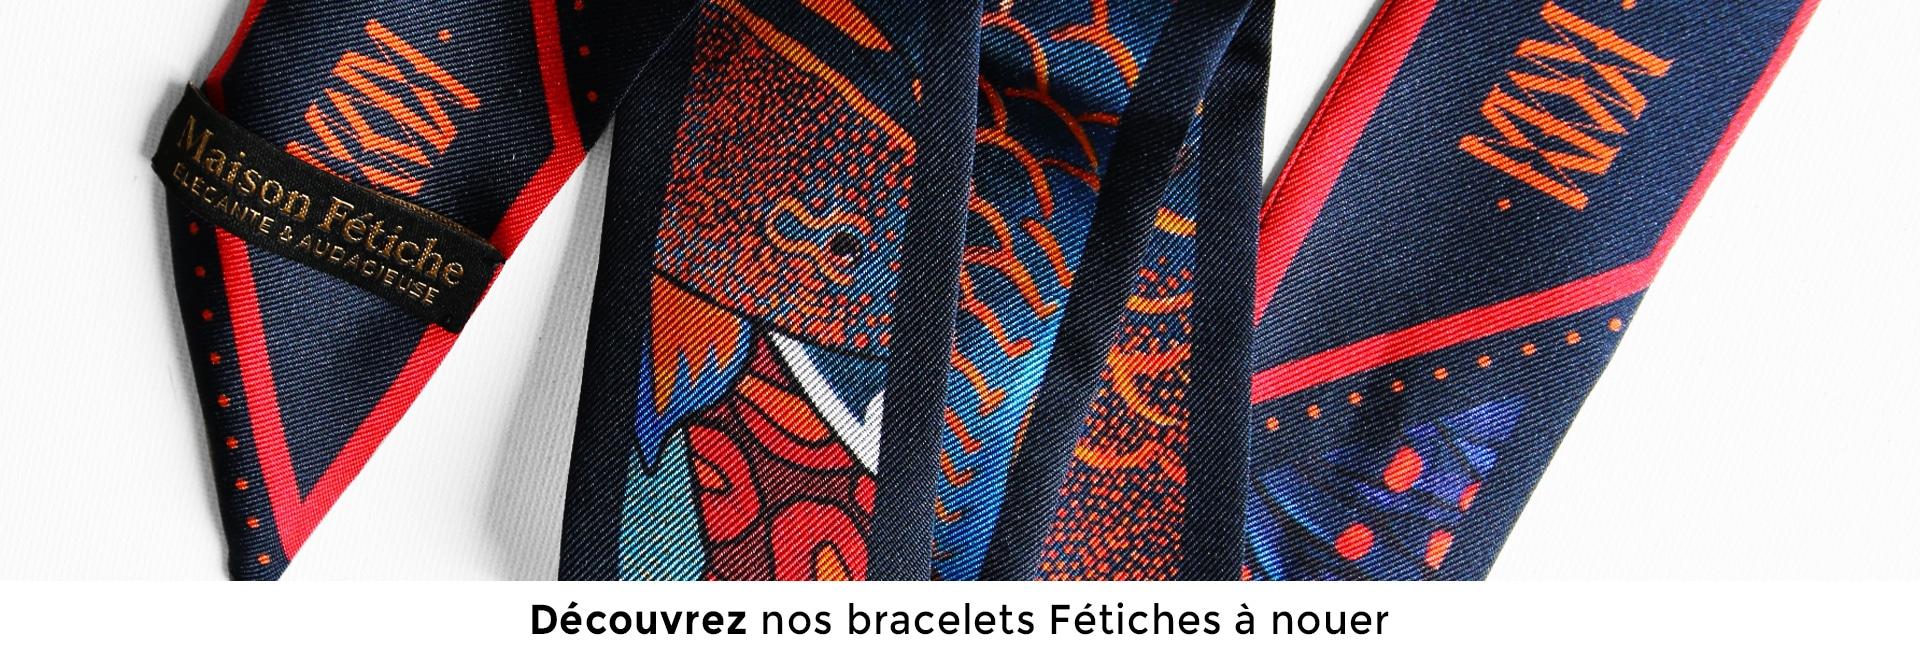 Joli bracelet soie Fetiche a nouer La Danse